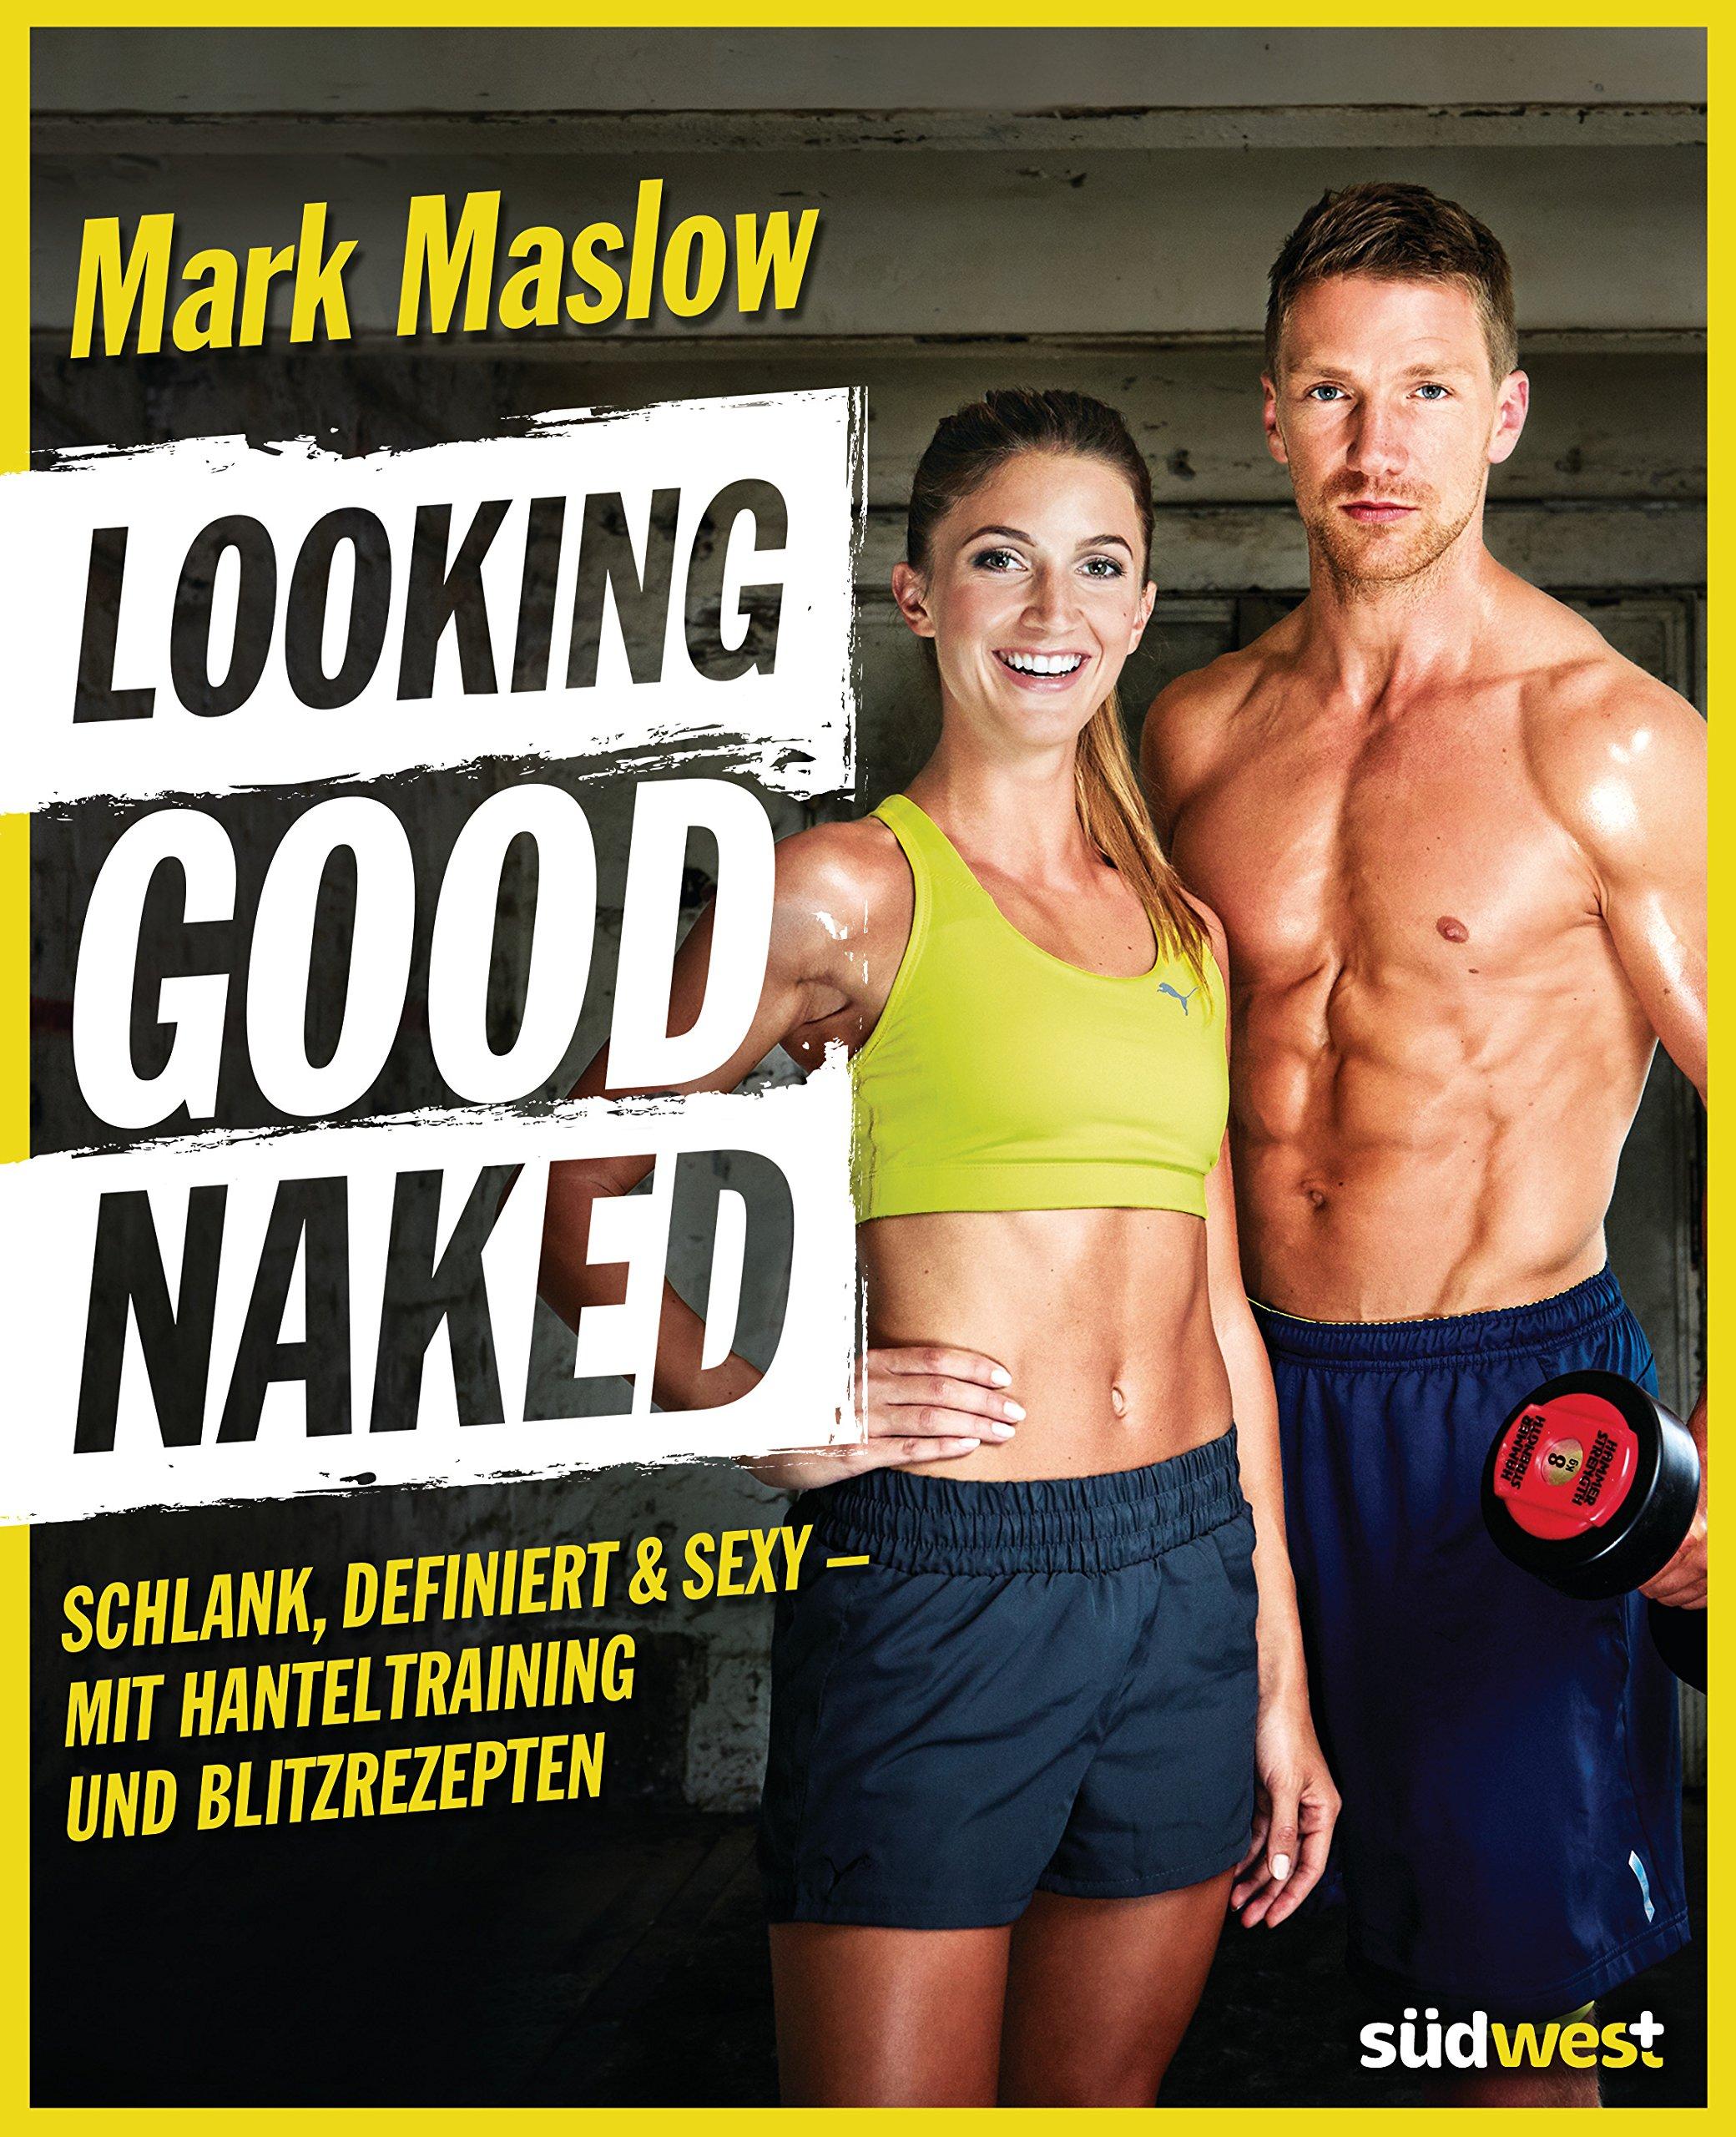 Looking Good Naked  Schlank Definiert And Sexy – Mit Hanteltraining Und Blitzrezepten